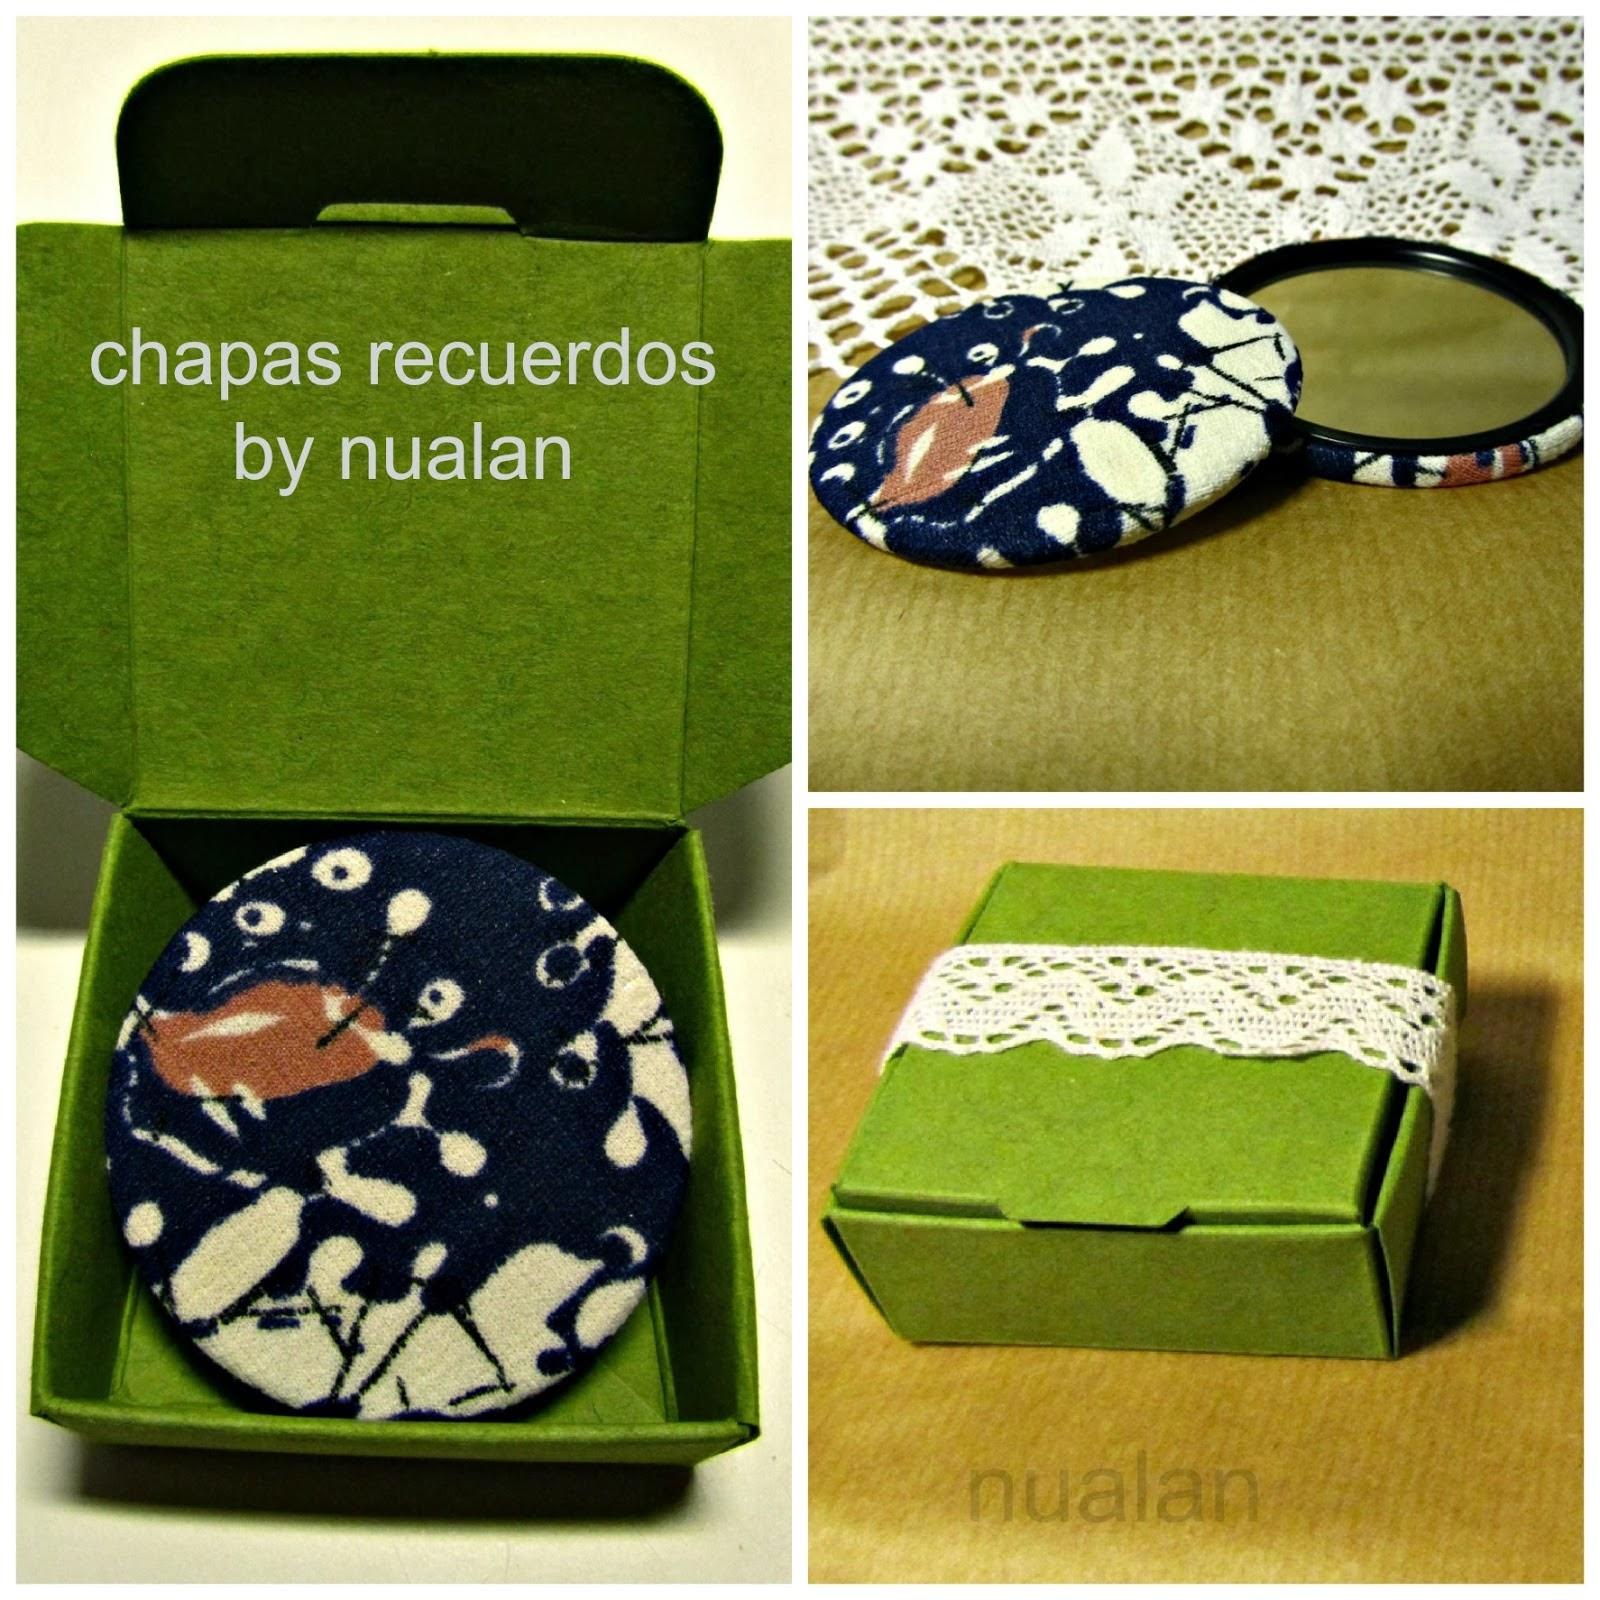 http://nualan.blogspot.com.es/2013/03/los-lunes-de-compras-chapas-recuerdos.html